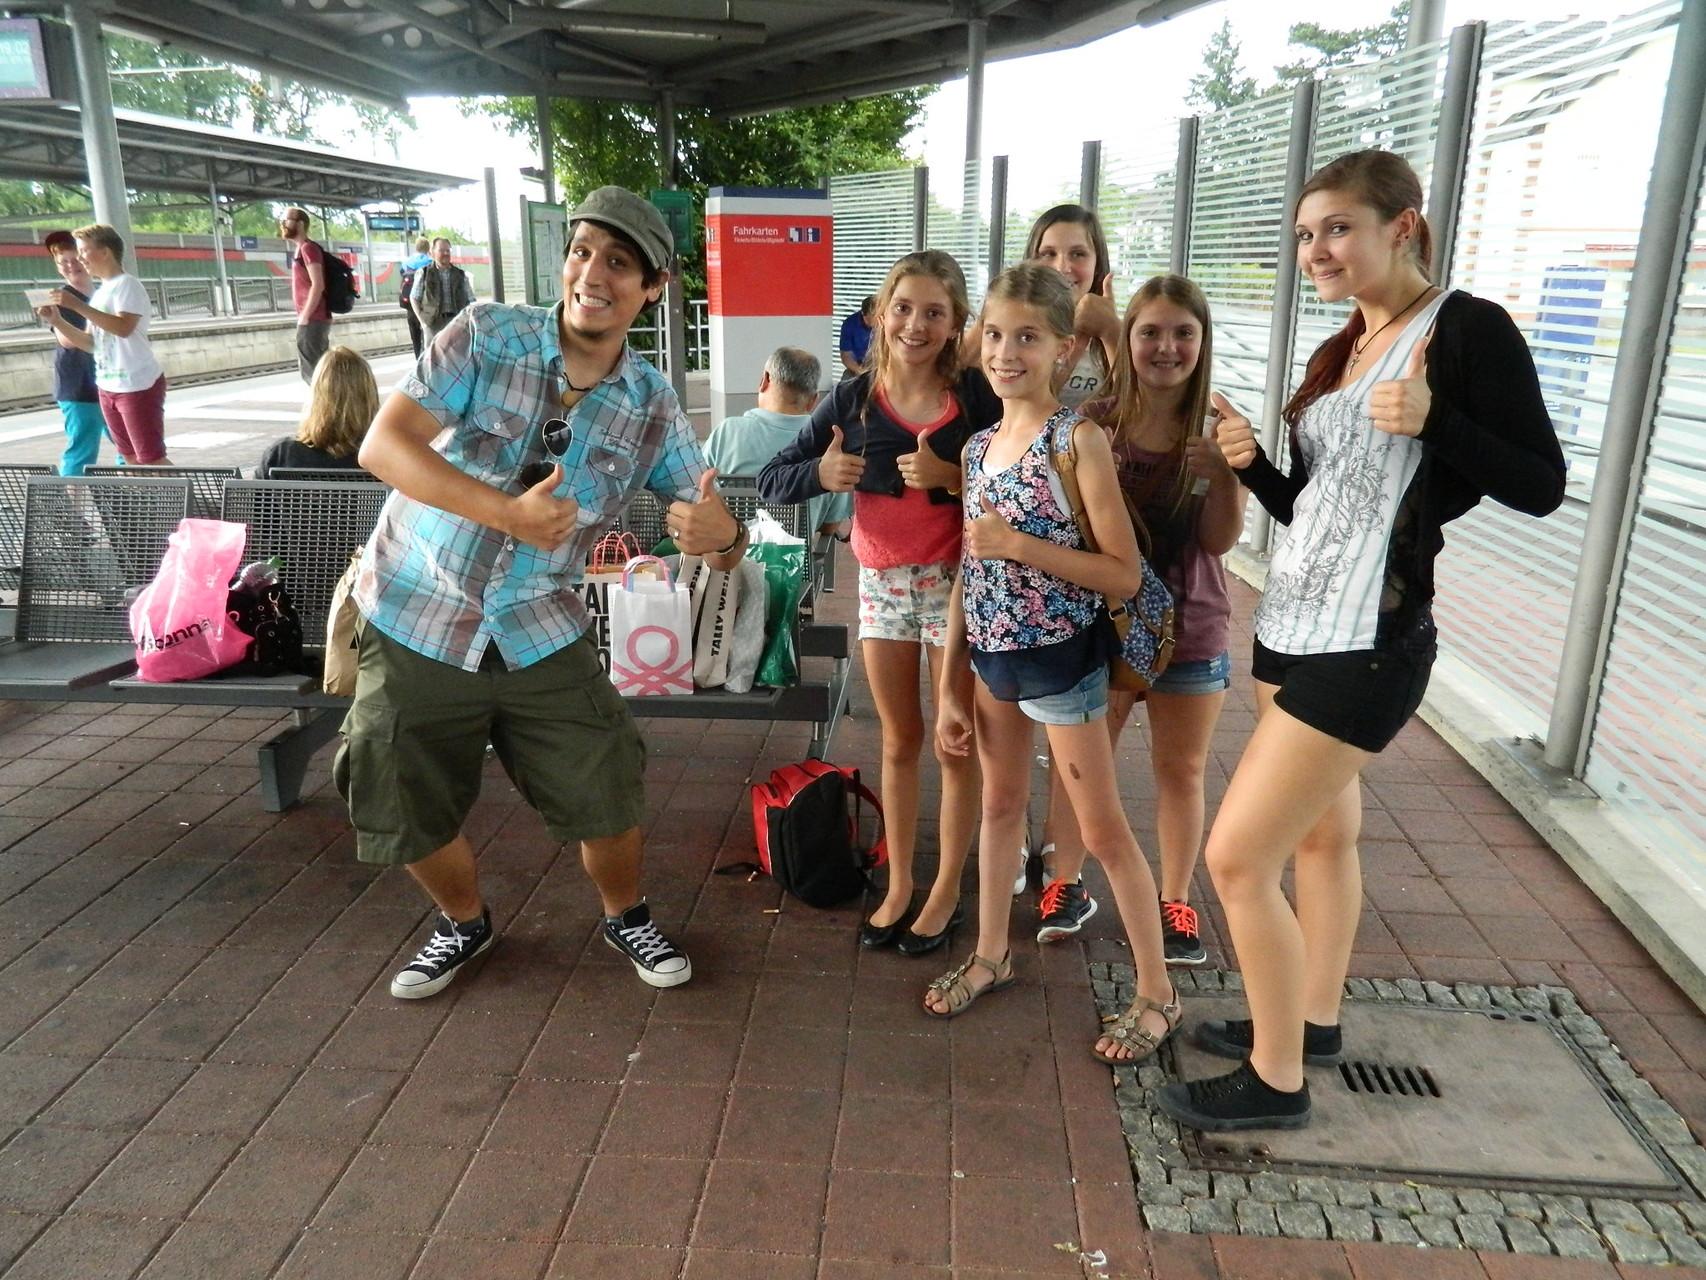 Nick und die Mädchen ;) auf dem Rückweg der Shoppingtour